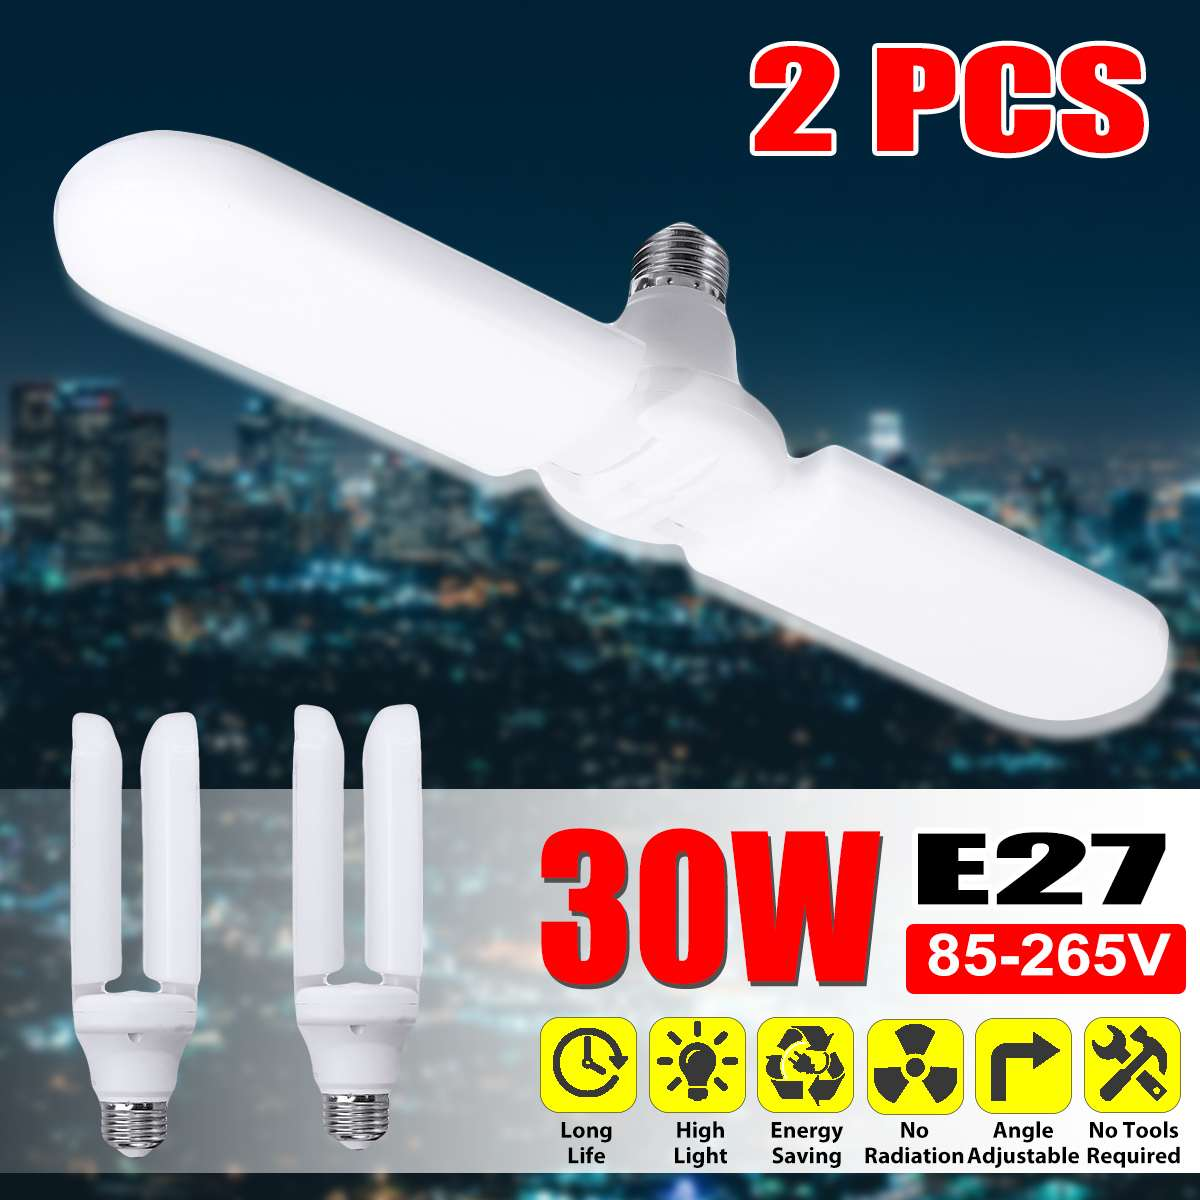 Industrial Lighting 2Pcs/Set 60W/75W/80W E27 Led Fan Garage Light 4800LM 85-265V 2835 Led High Bay Industrial Lamp For Workshop